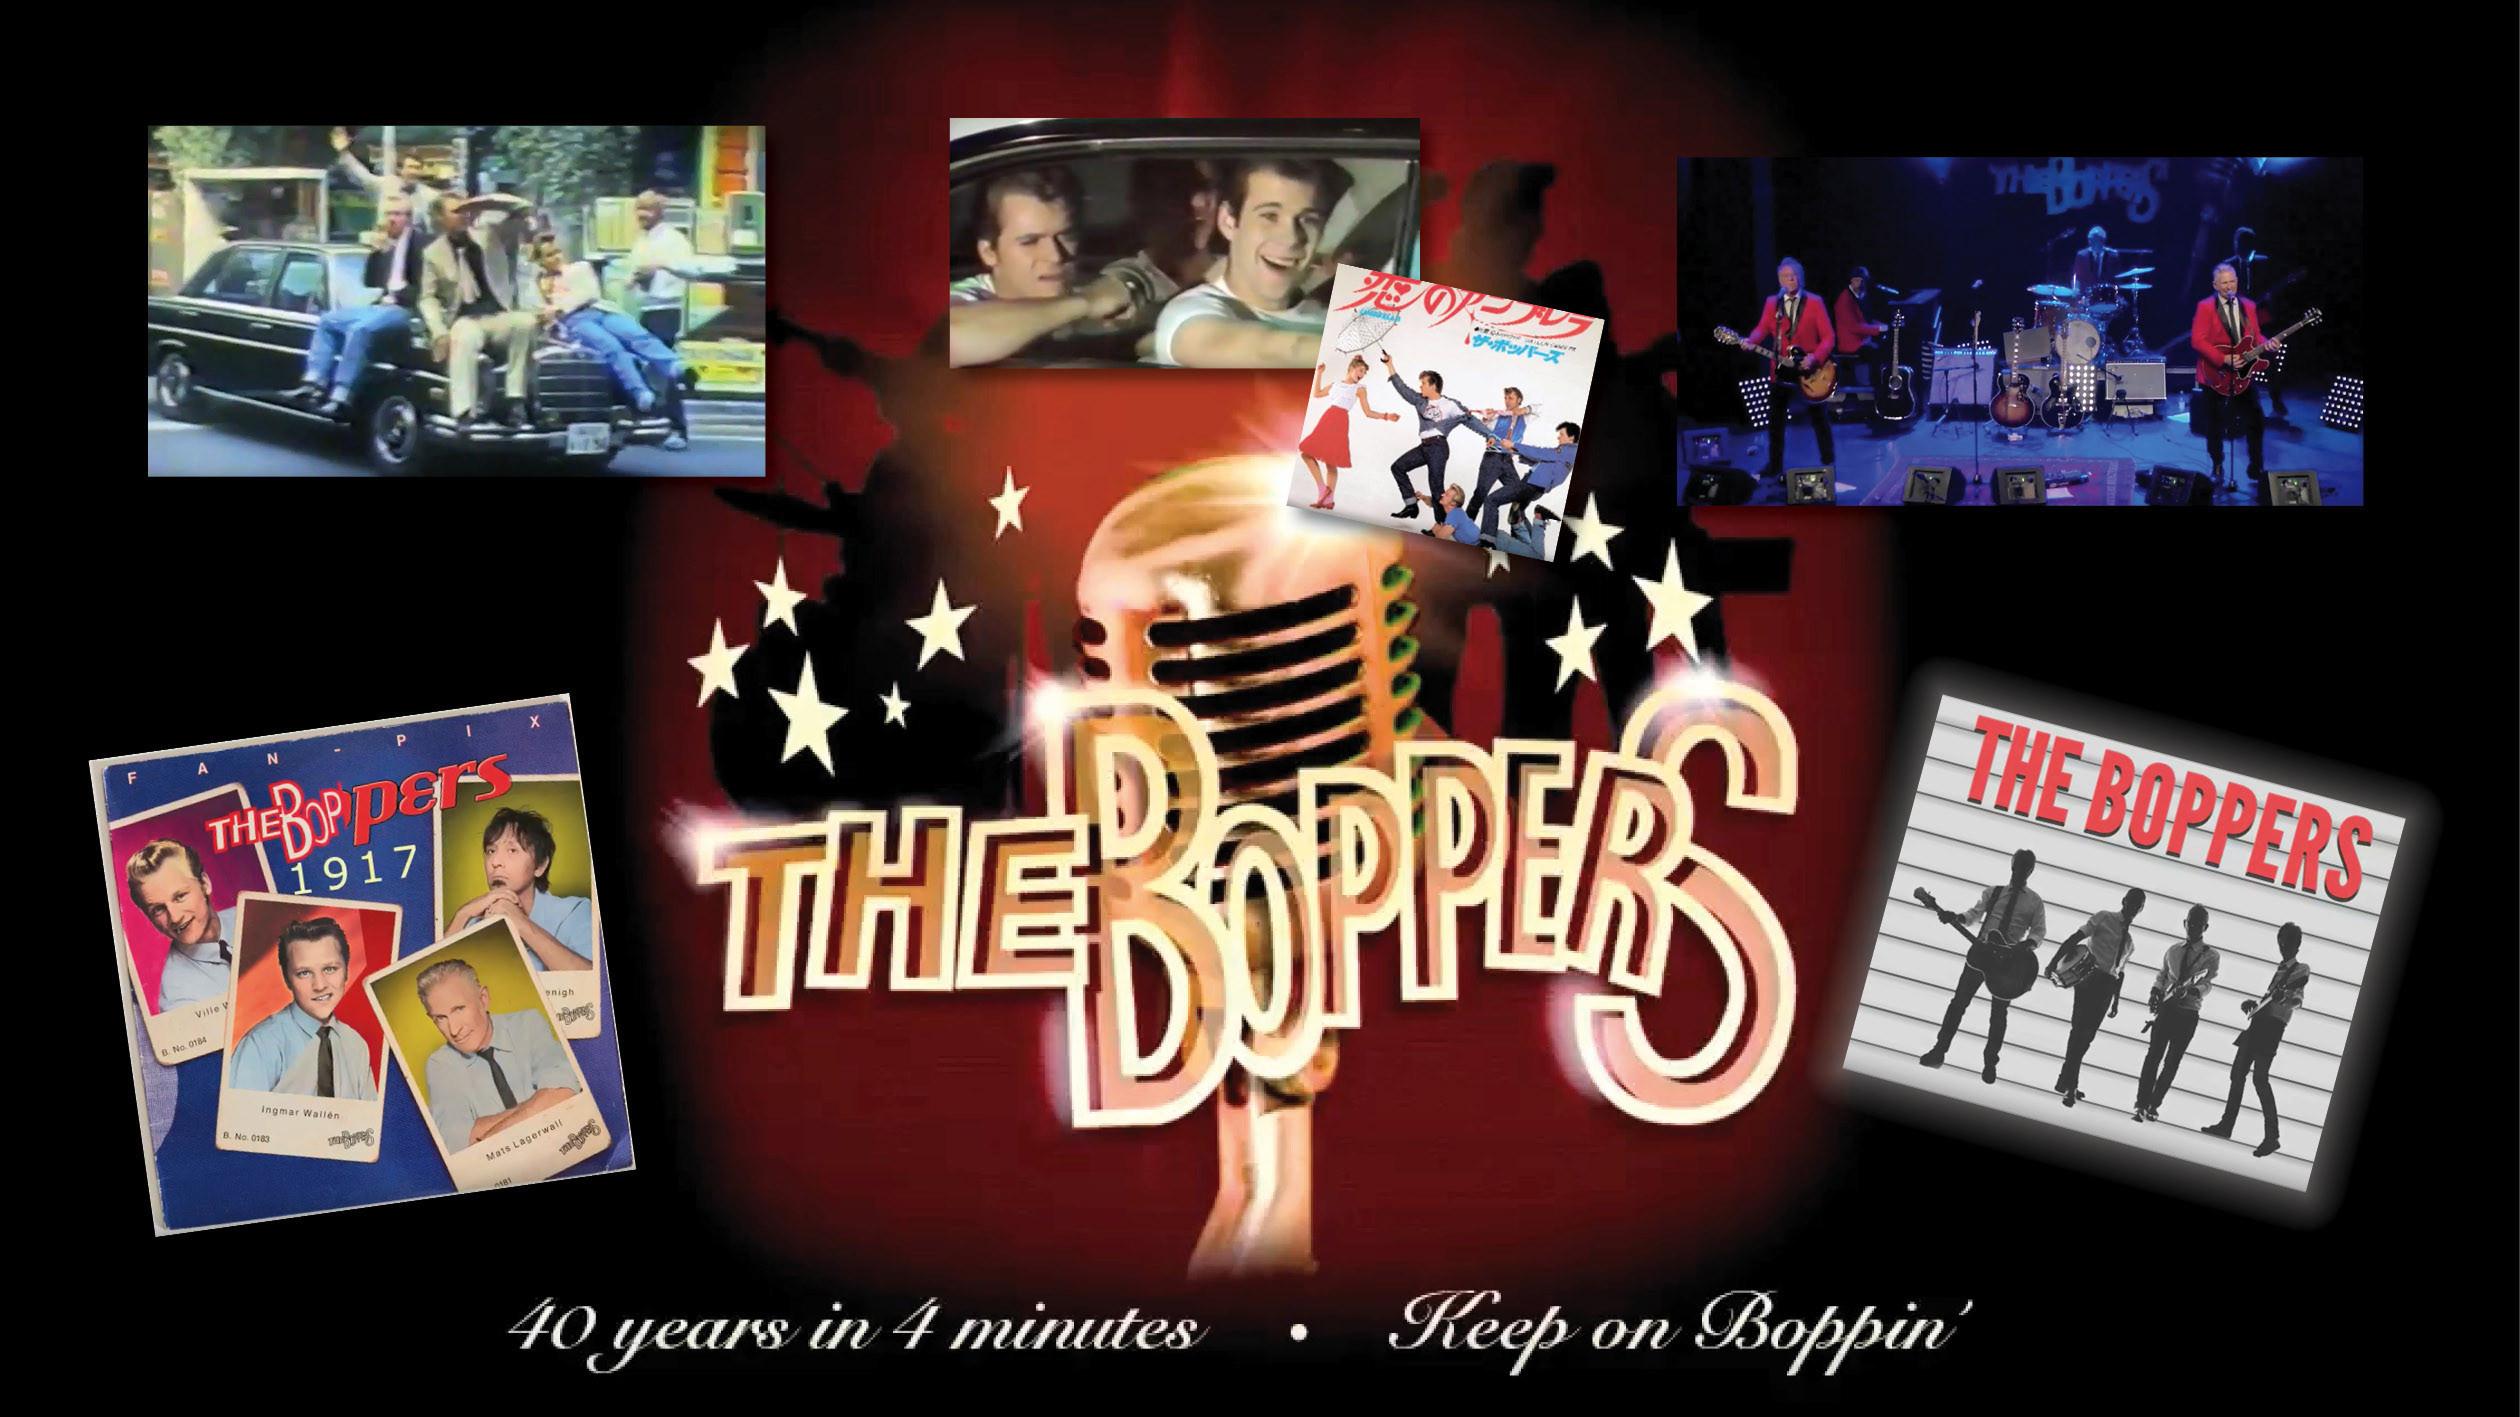 At the hop - 40 år på 4 minuter med The Boppers